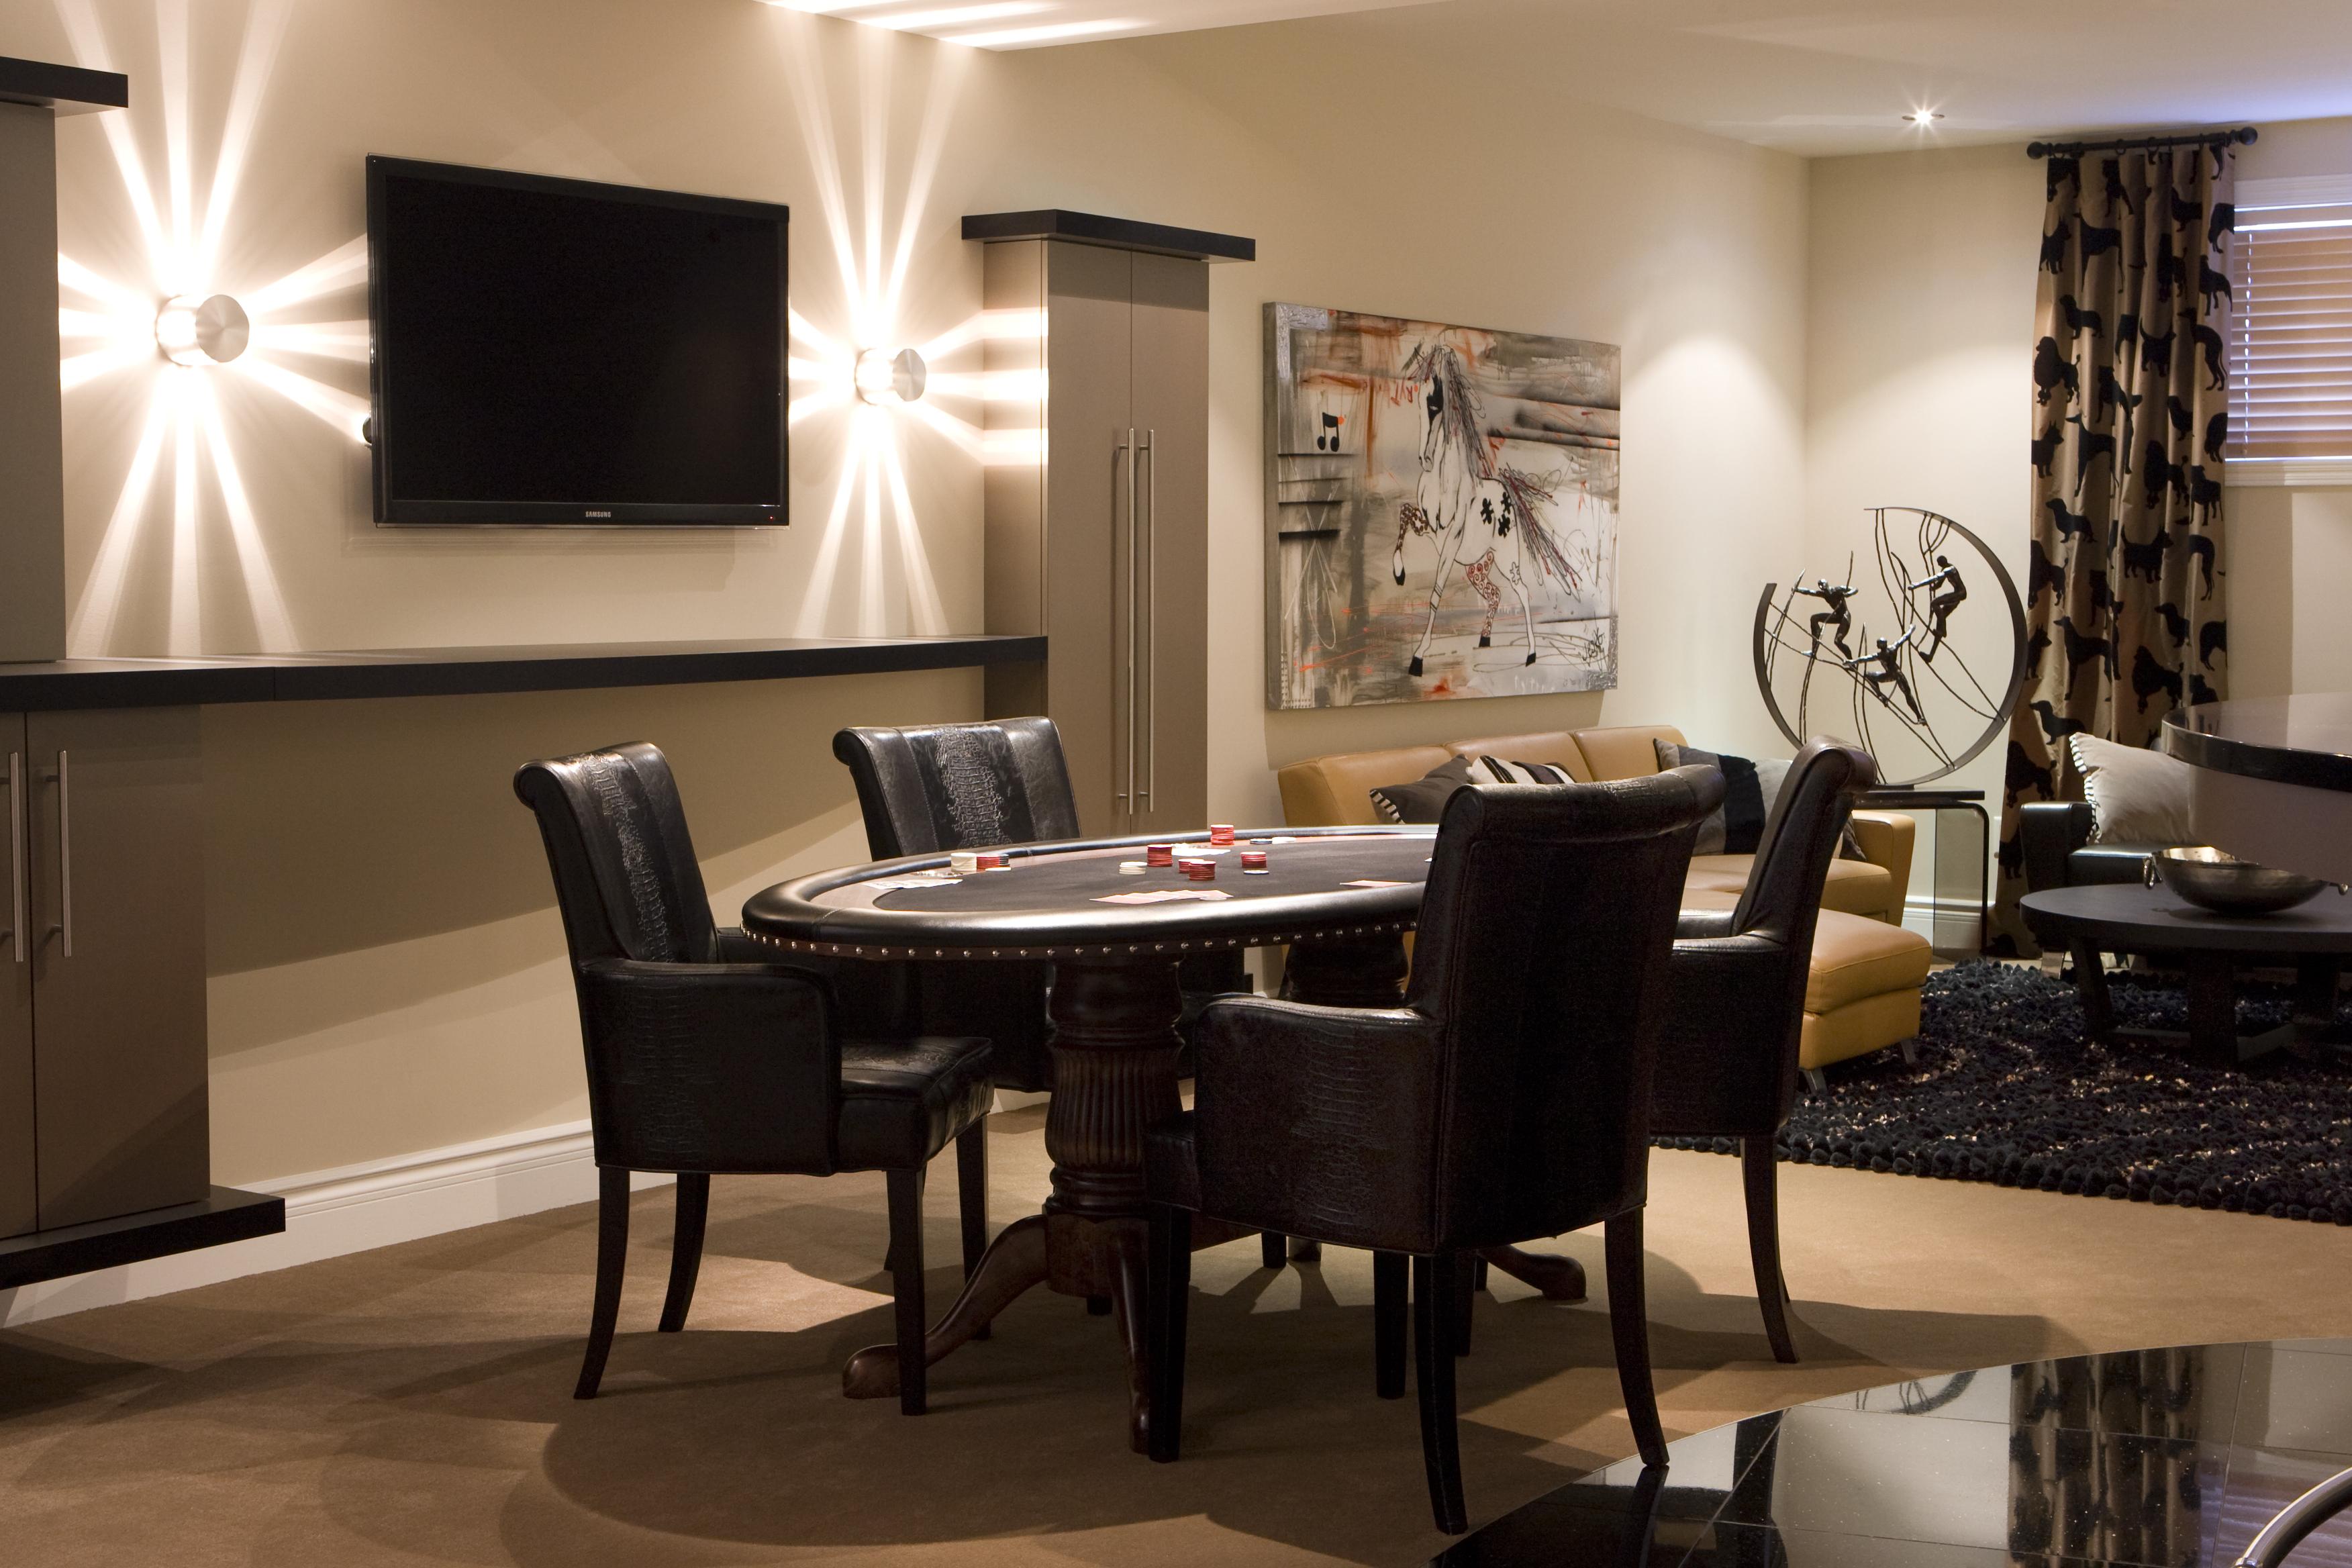 salle de jeux pour adultes un fauteuil pour deux. Black Bedroom Furniture Sets. Home Design Ideas